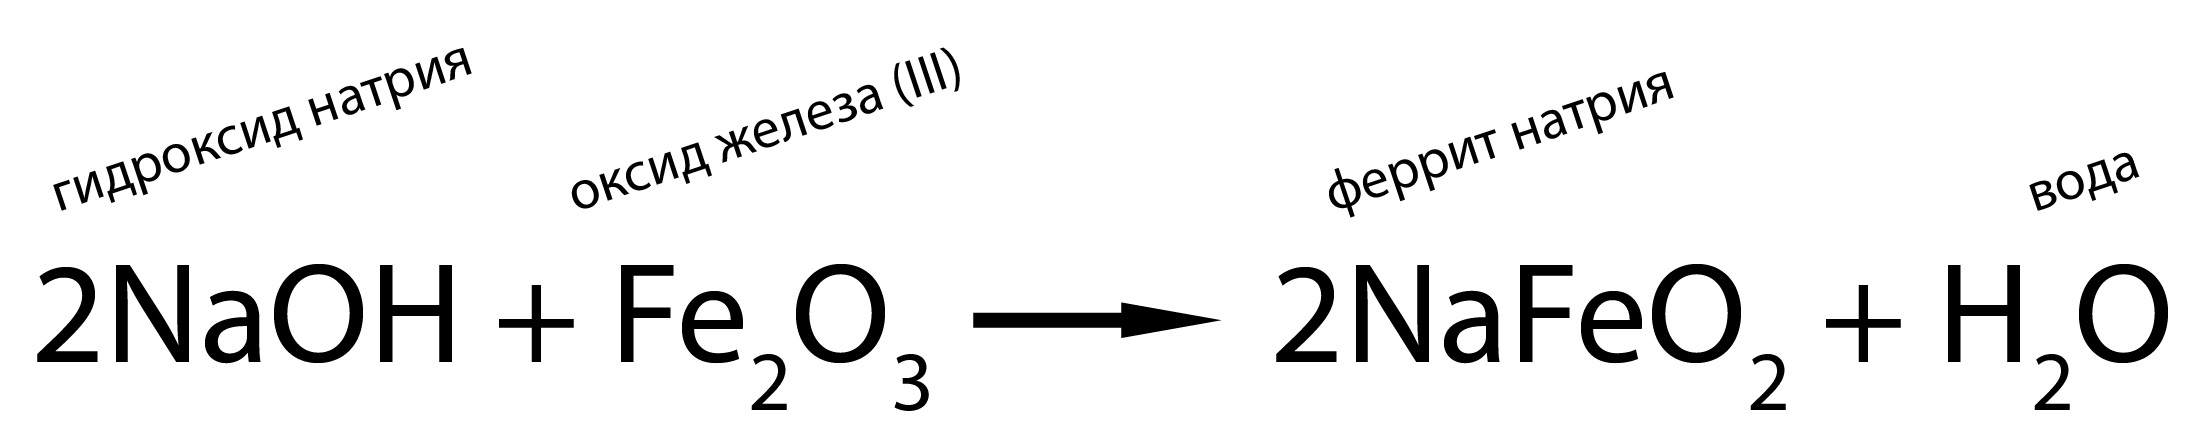 Оксид и гидроксид железа (III)